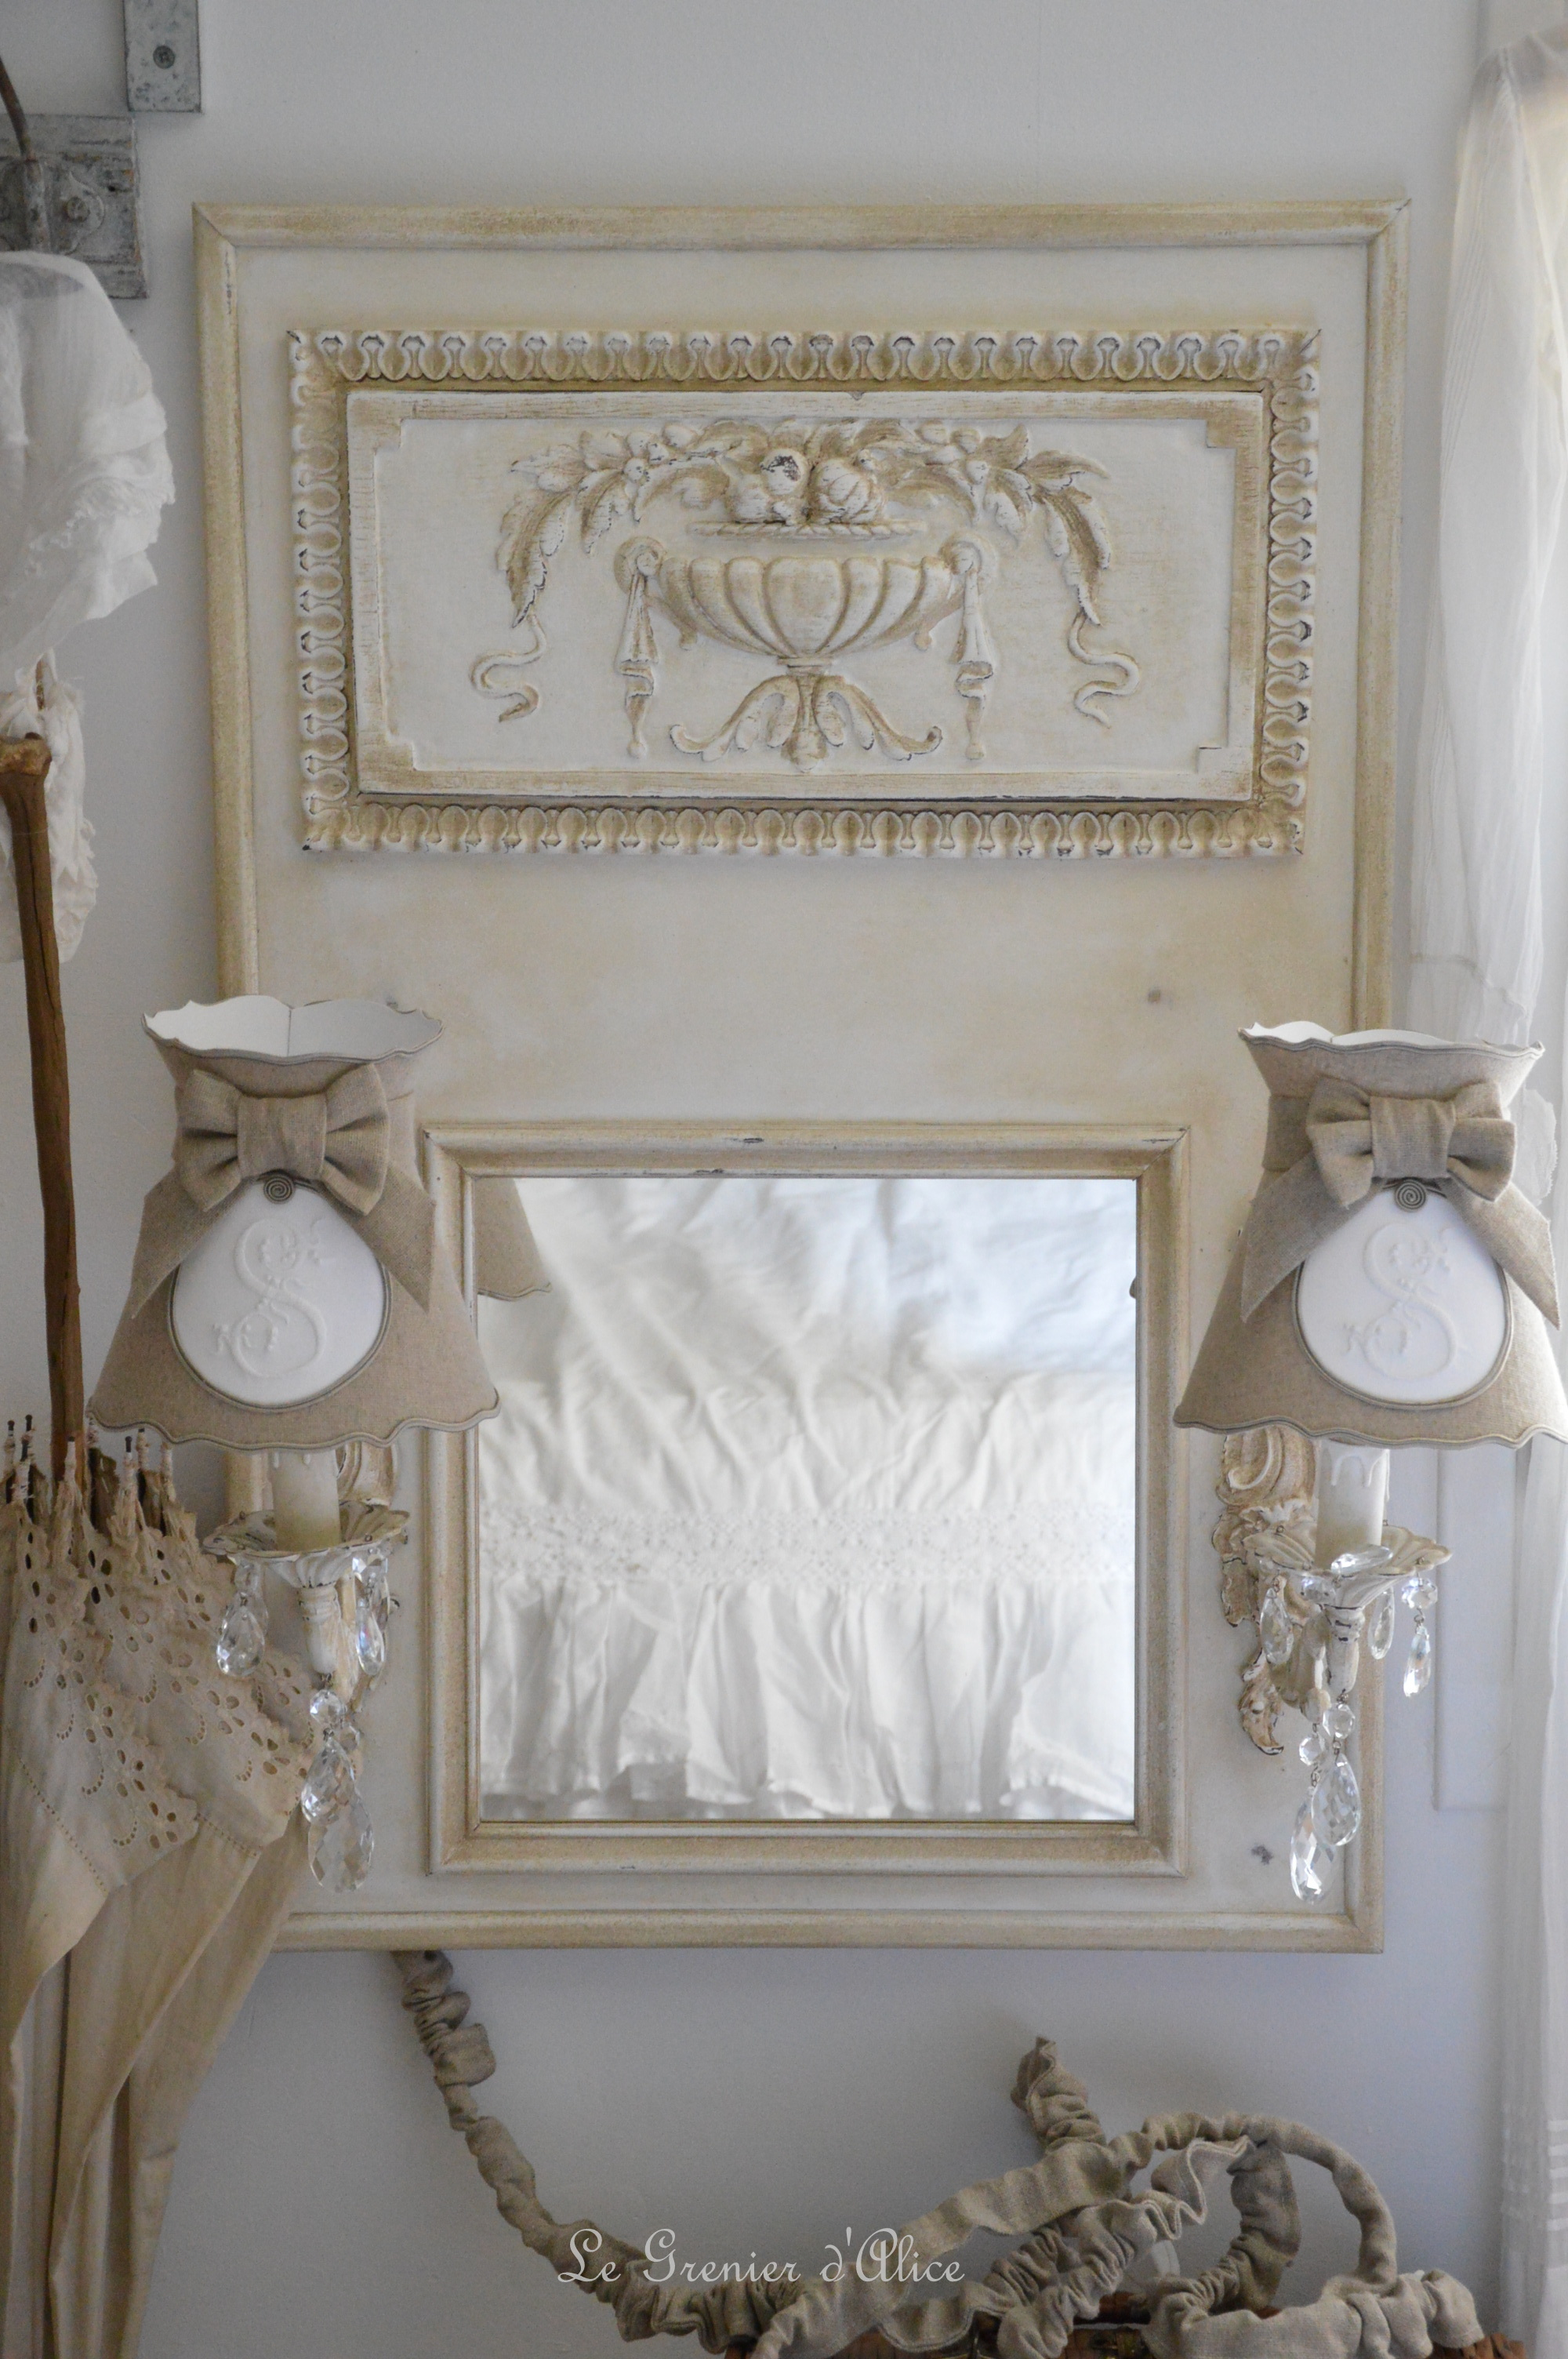 Le grenier d 39 alice shabby chic et romantique french decor for Miroir romantique